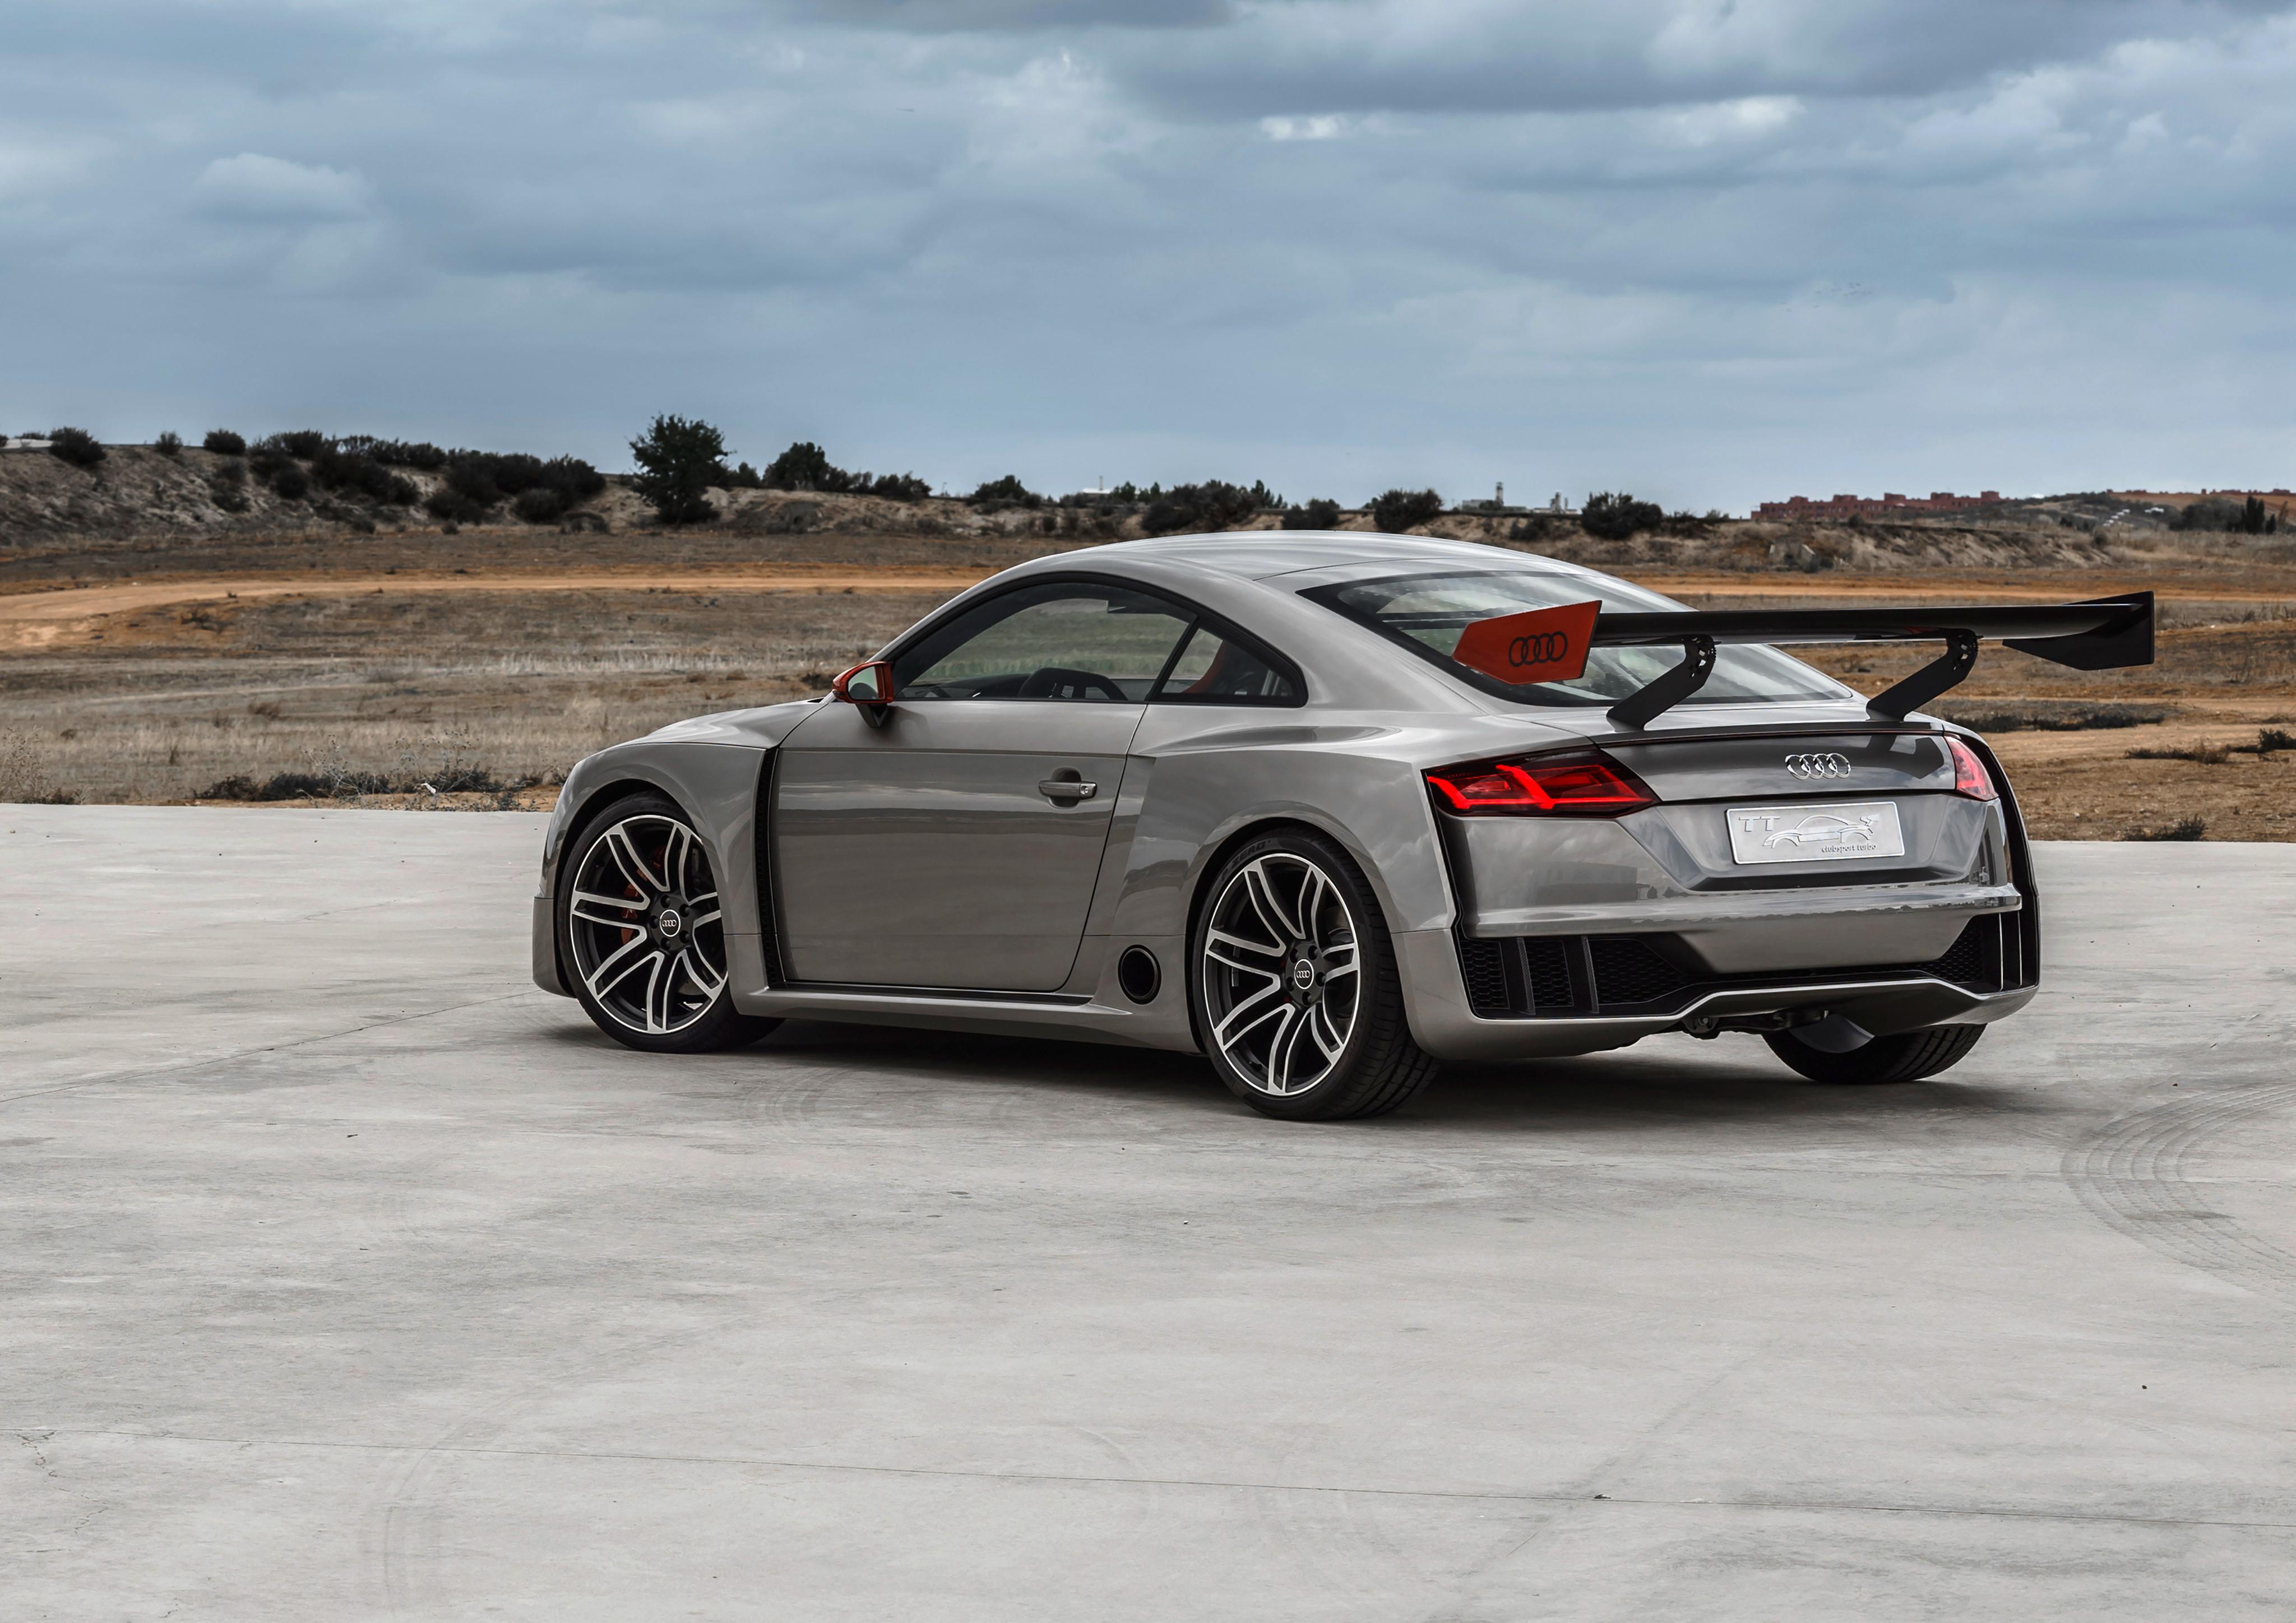 126450 descargar fondo de pantalla Coches, Audi, Tt, Vista Lateral, Perfil: protectores de pantalla e imágenes gratis